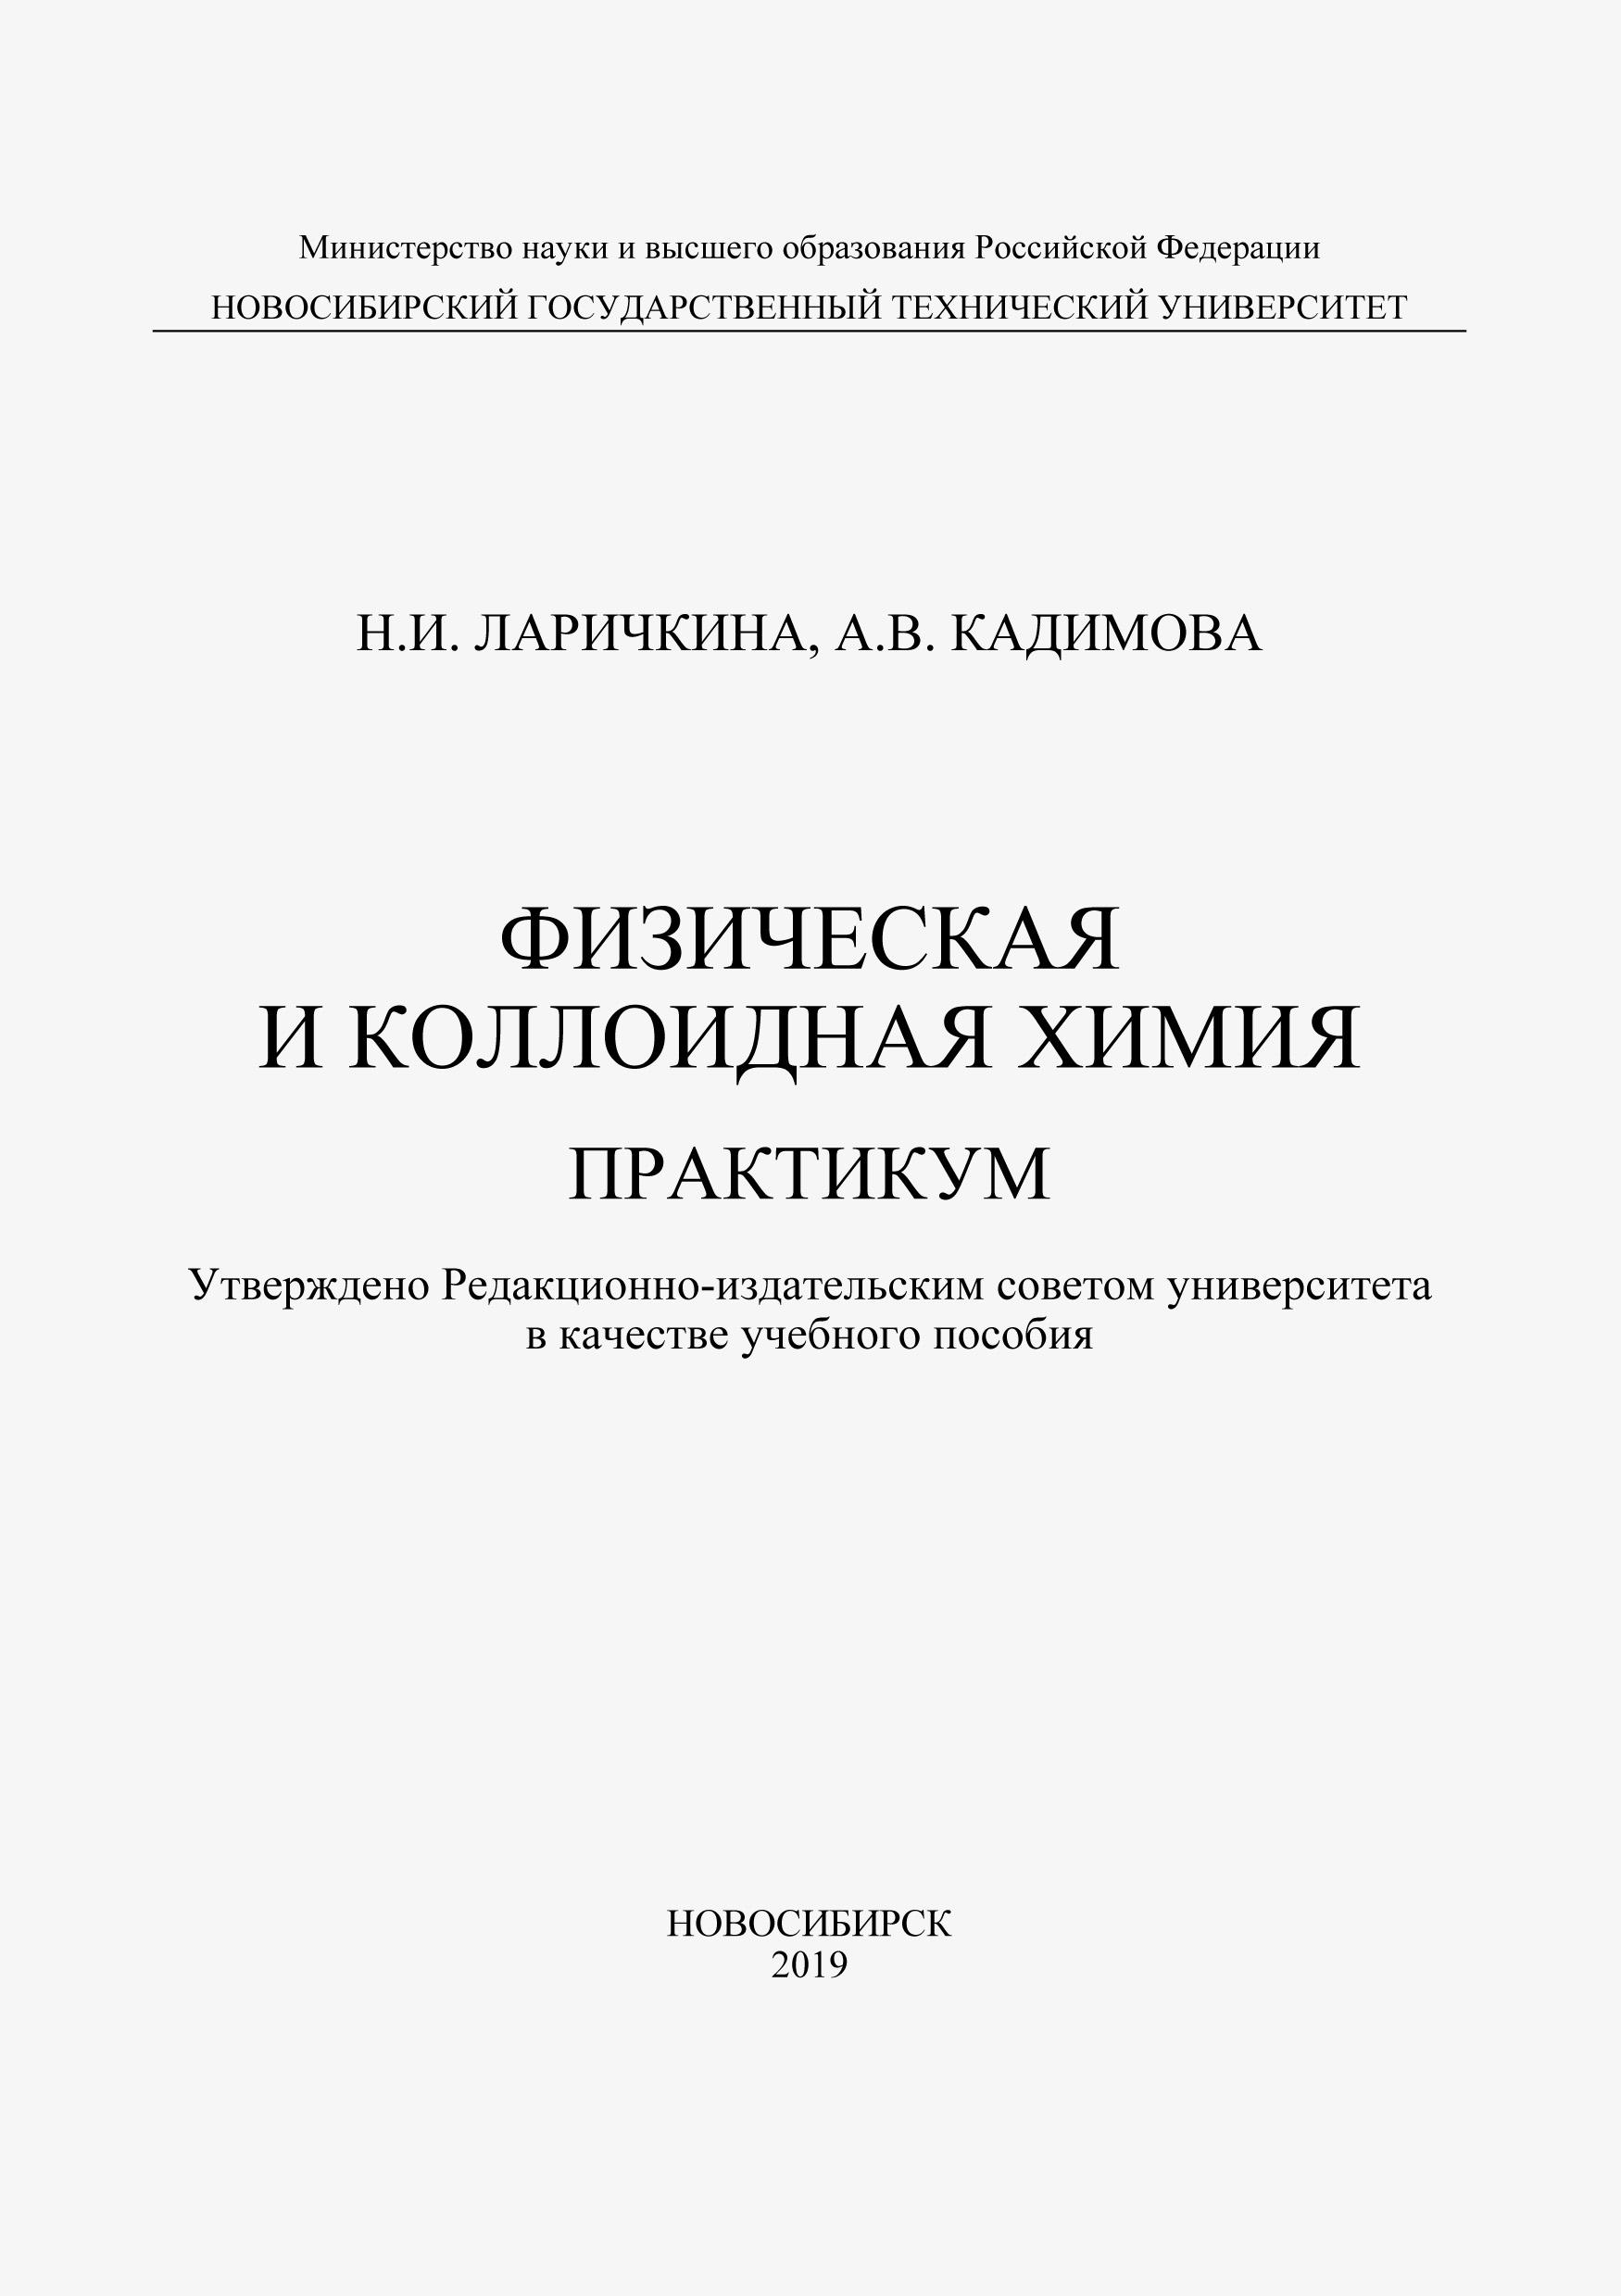 Решение задач физическая и коллоидная химия решение задачи 1557